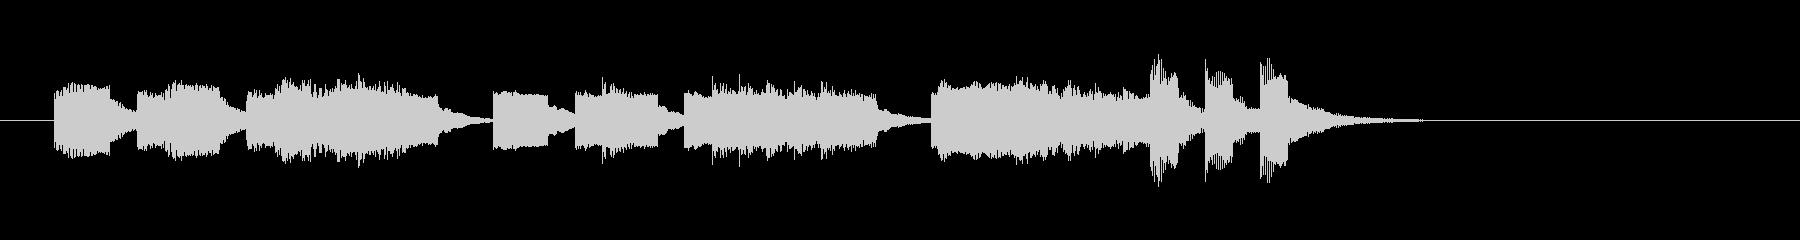 アイネクライネナハトムジーク第1ジングルの未再生の波形